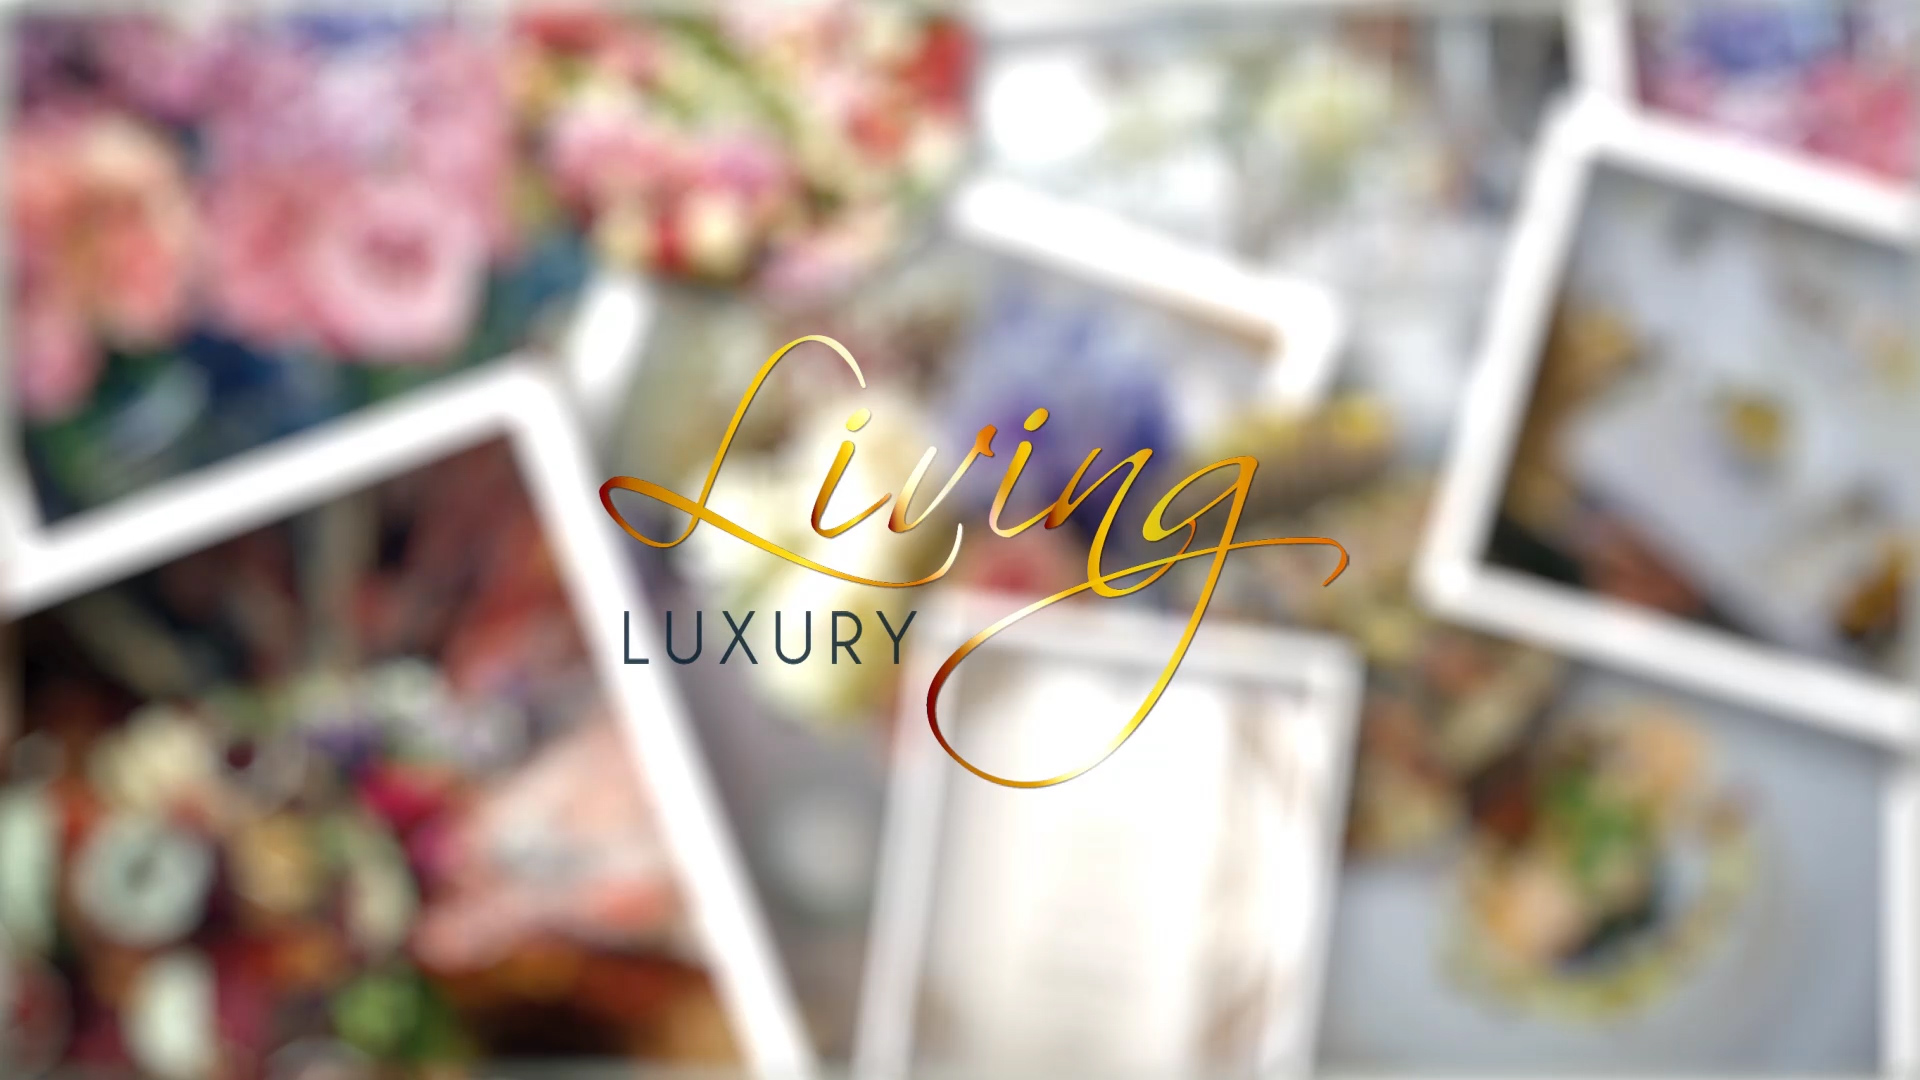 Living Luxury Test Shoot 002.mp4.Still001